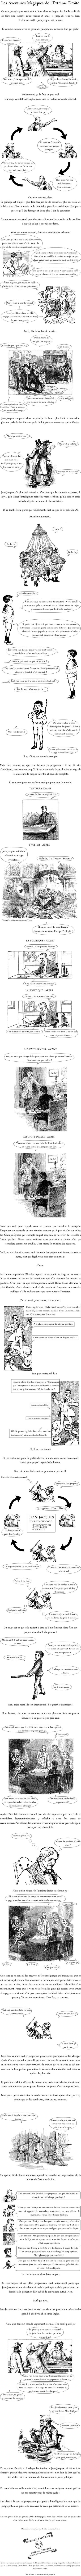 Jean-Jacques est un con | Scandalous Facts | Scoop.it